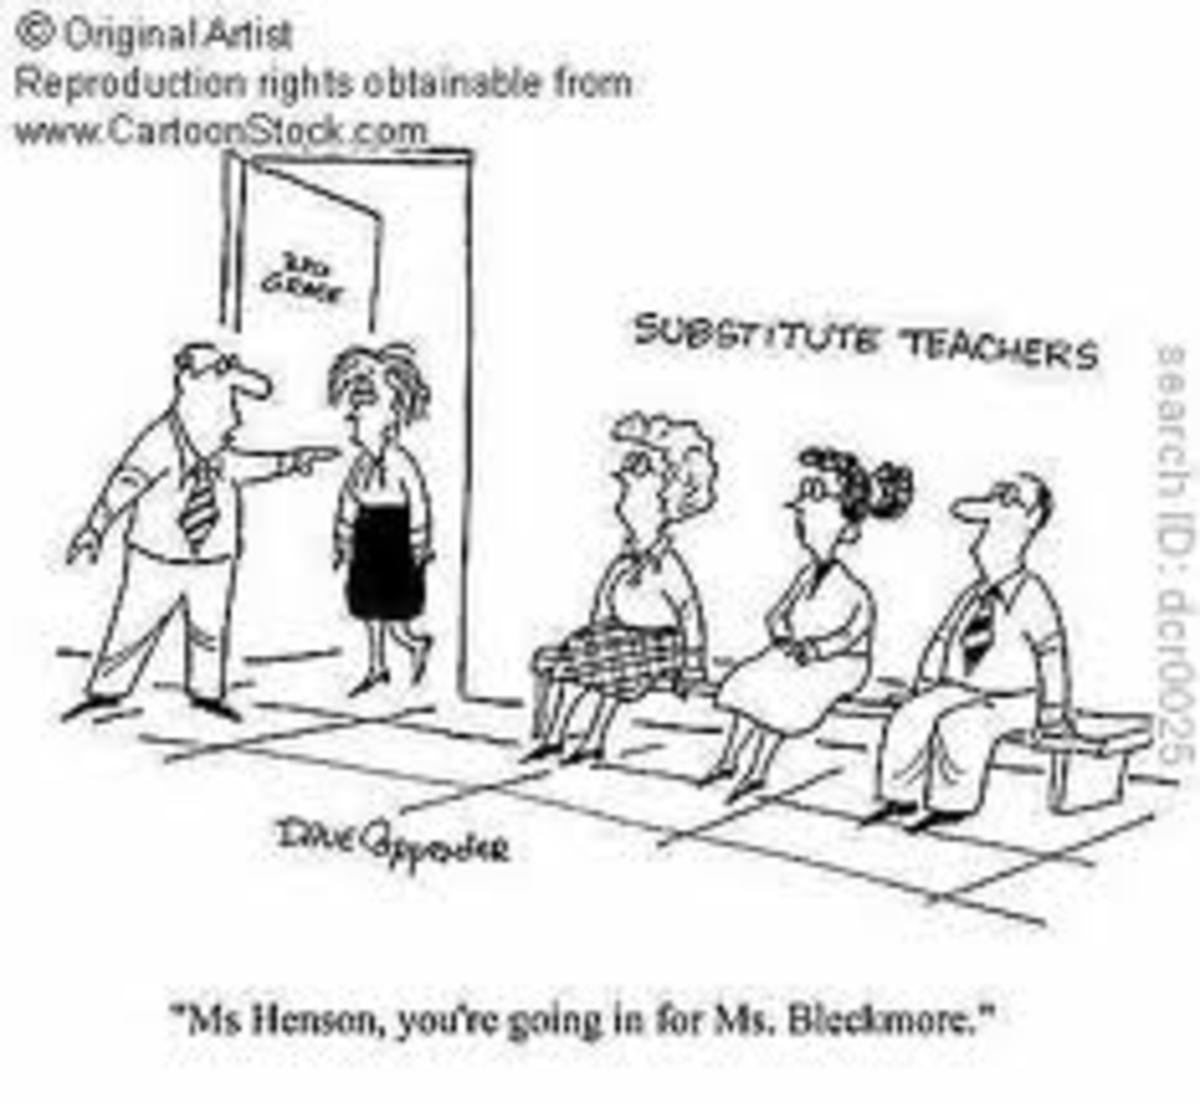 god-bless-the-substitute-teacher